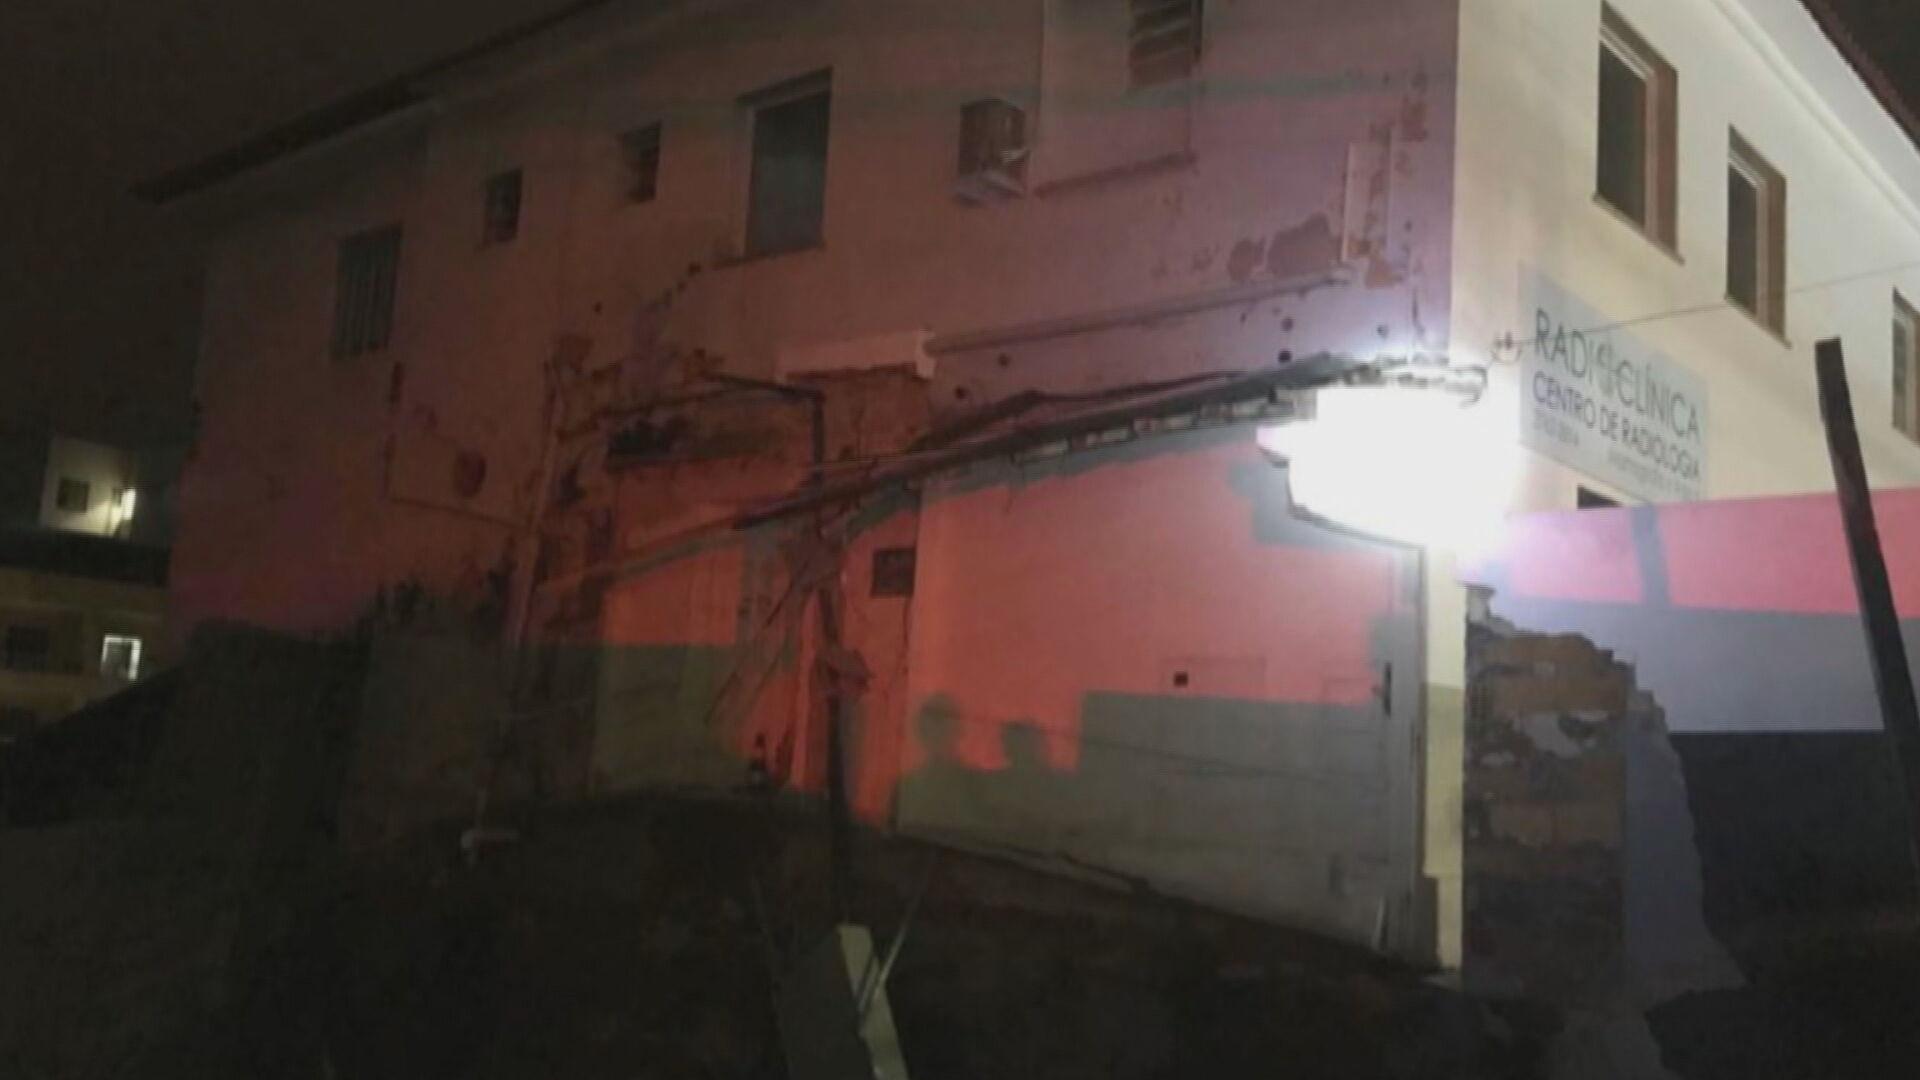 Obra desabou e atingiu hospital de campanha com pacientes da Covid-19 em Conselh